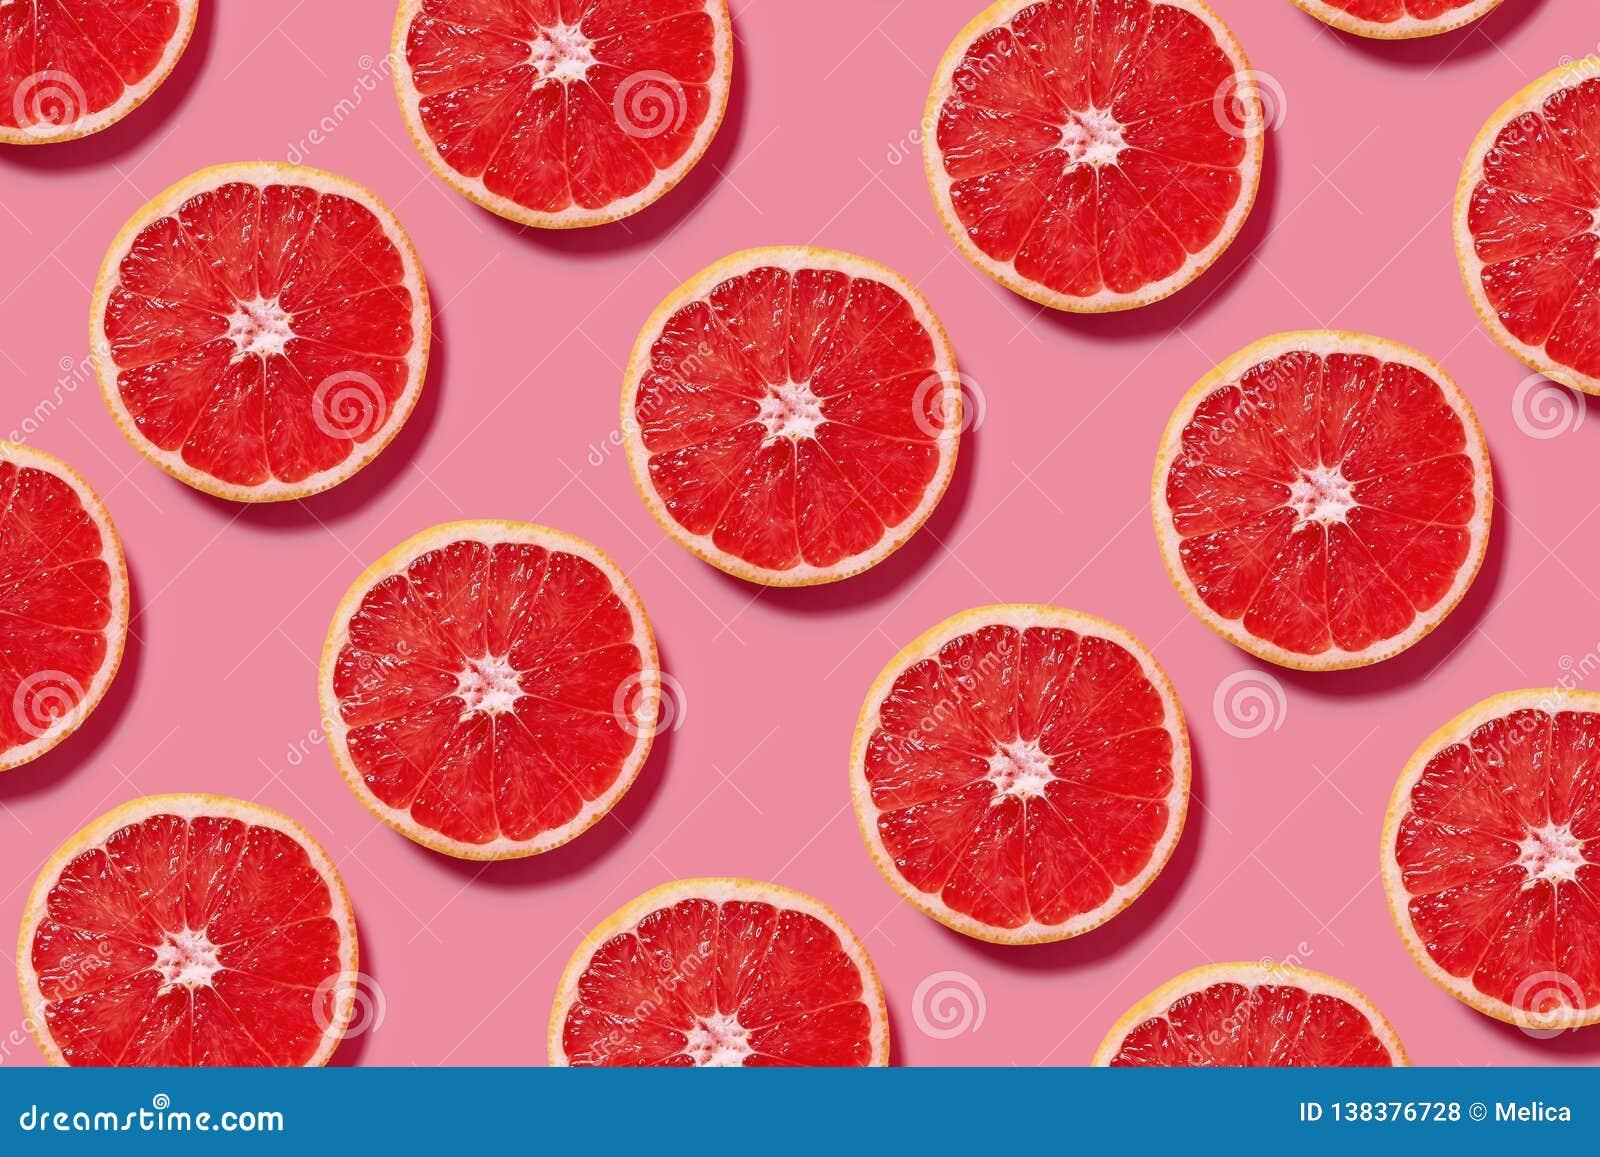 Modello variopinto della frutta delle fette fresche del pompelmo su fondo rosa